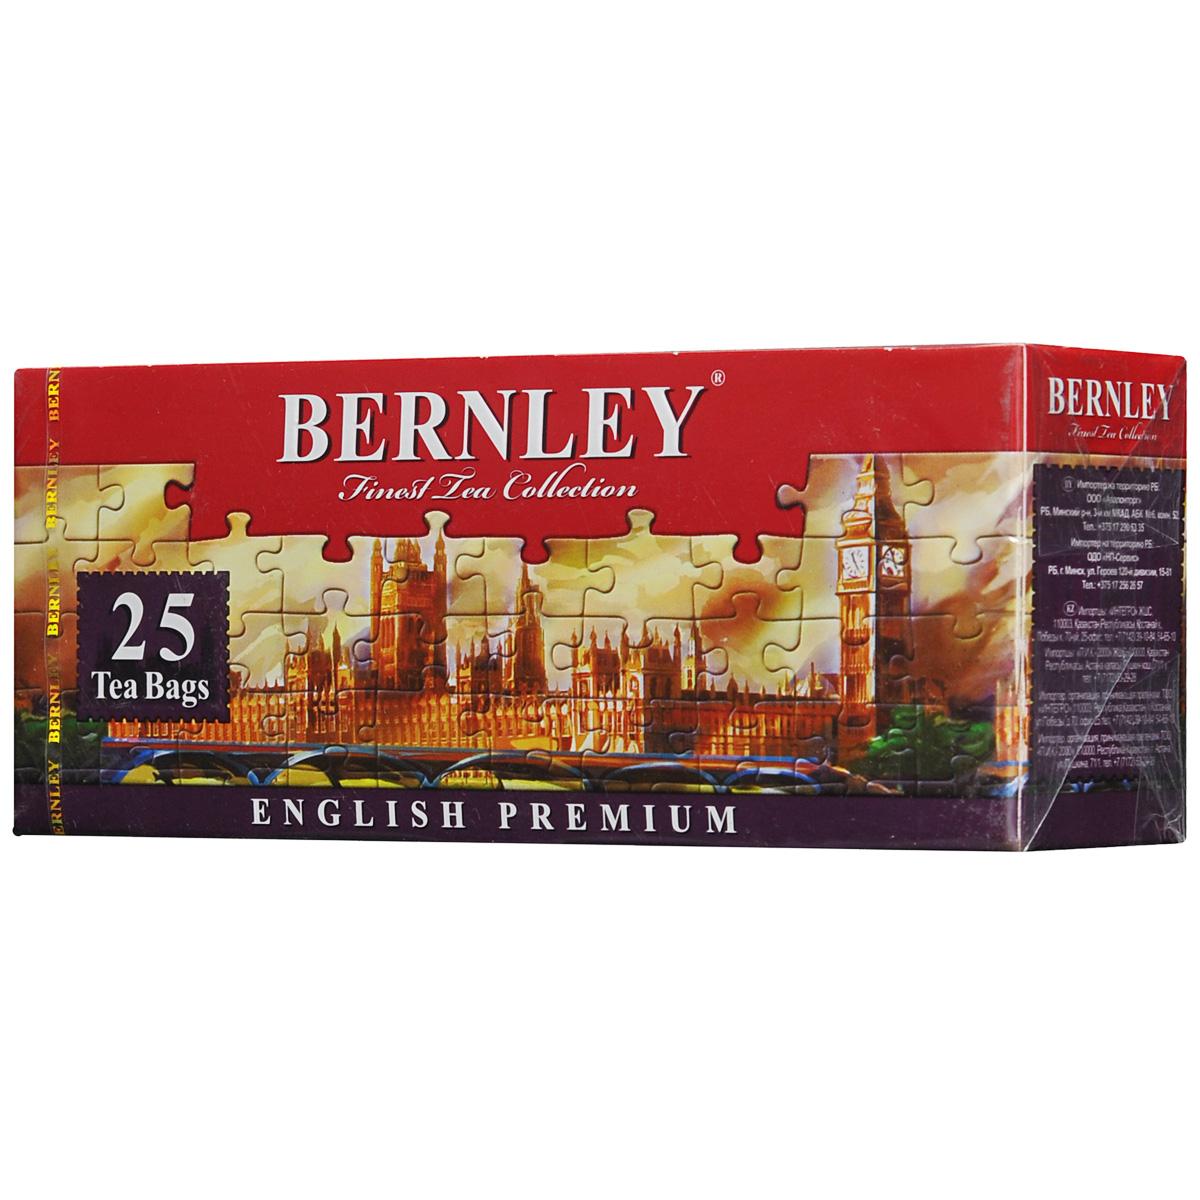 Bernley English Premium черный ароматизированный чай в пакетиках, 25 шт1070003Bernley English Premium - великолепный образец классического английского черного чая с бергамотом, тропический вкус которого удивительно тонко и гармонично сочетается с неповторимыми природными свойствами высокогорного цейлонского чая отборного качества.